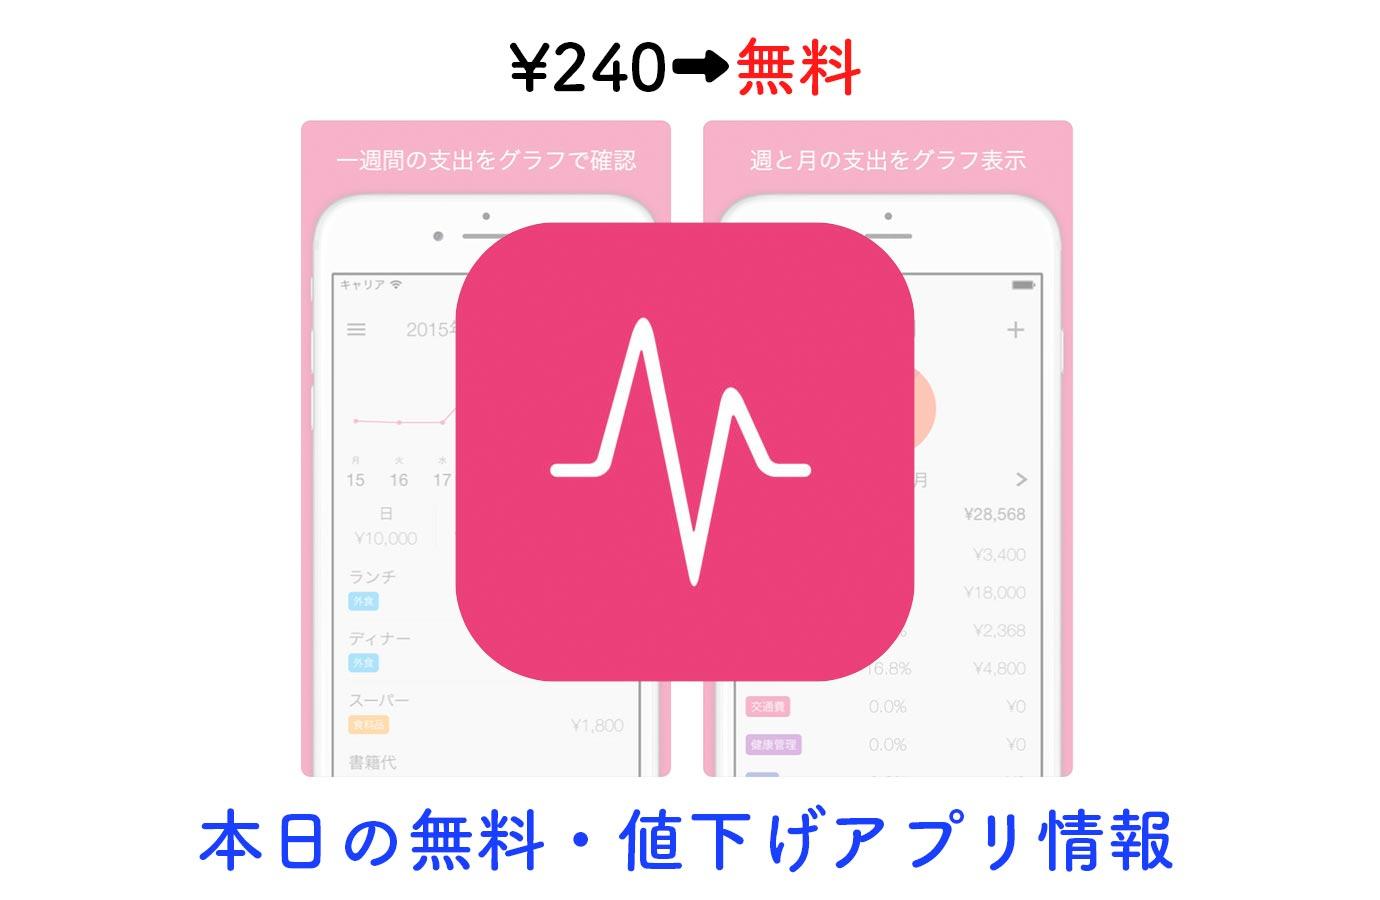 ¥240→無料、3つのグラフ表示で支出を管理できる「Spends」など【1/30】本日の無料・値下げアプリ情報